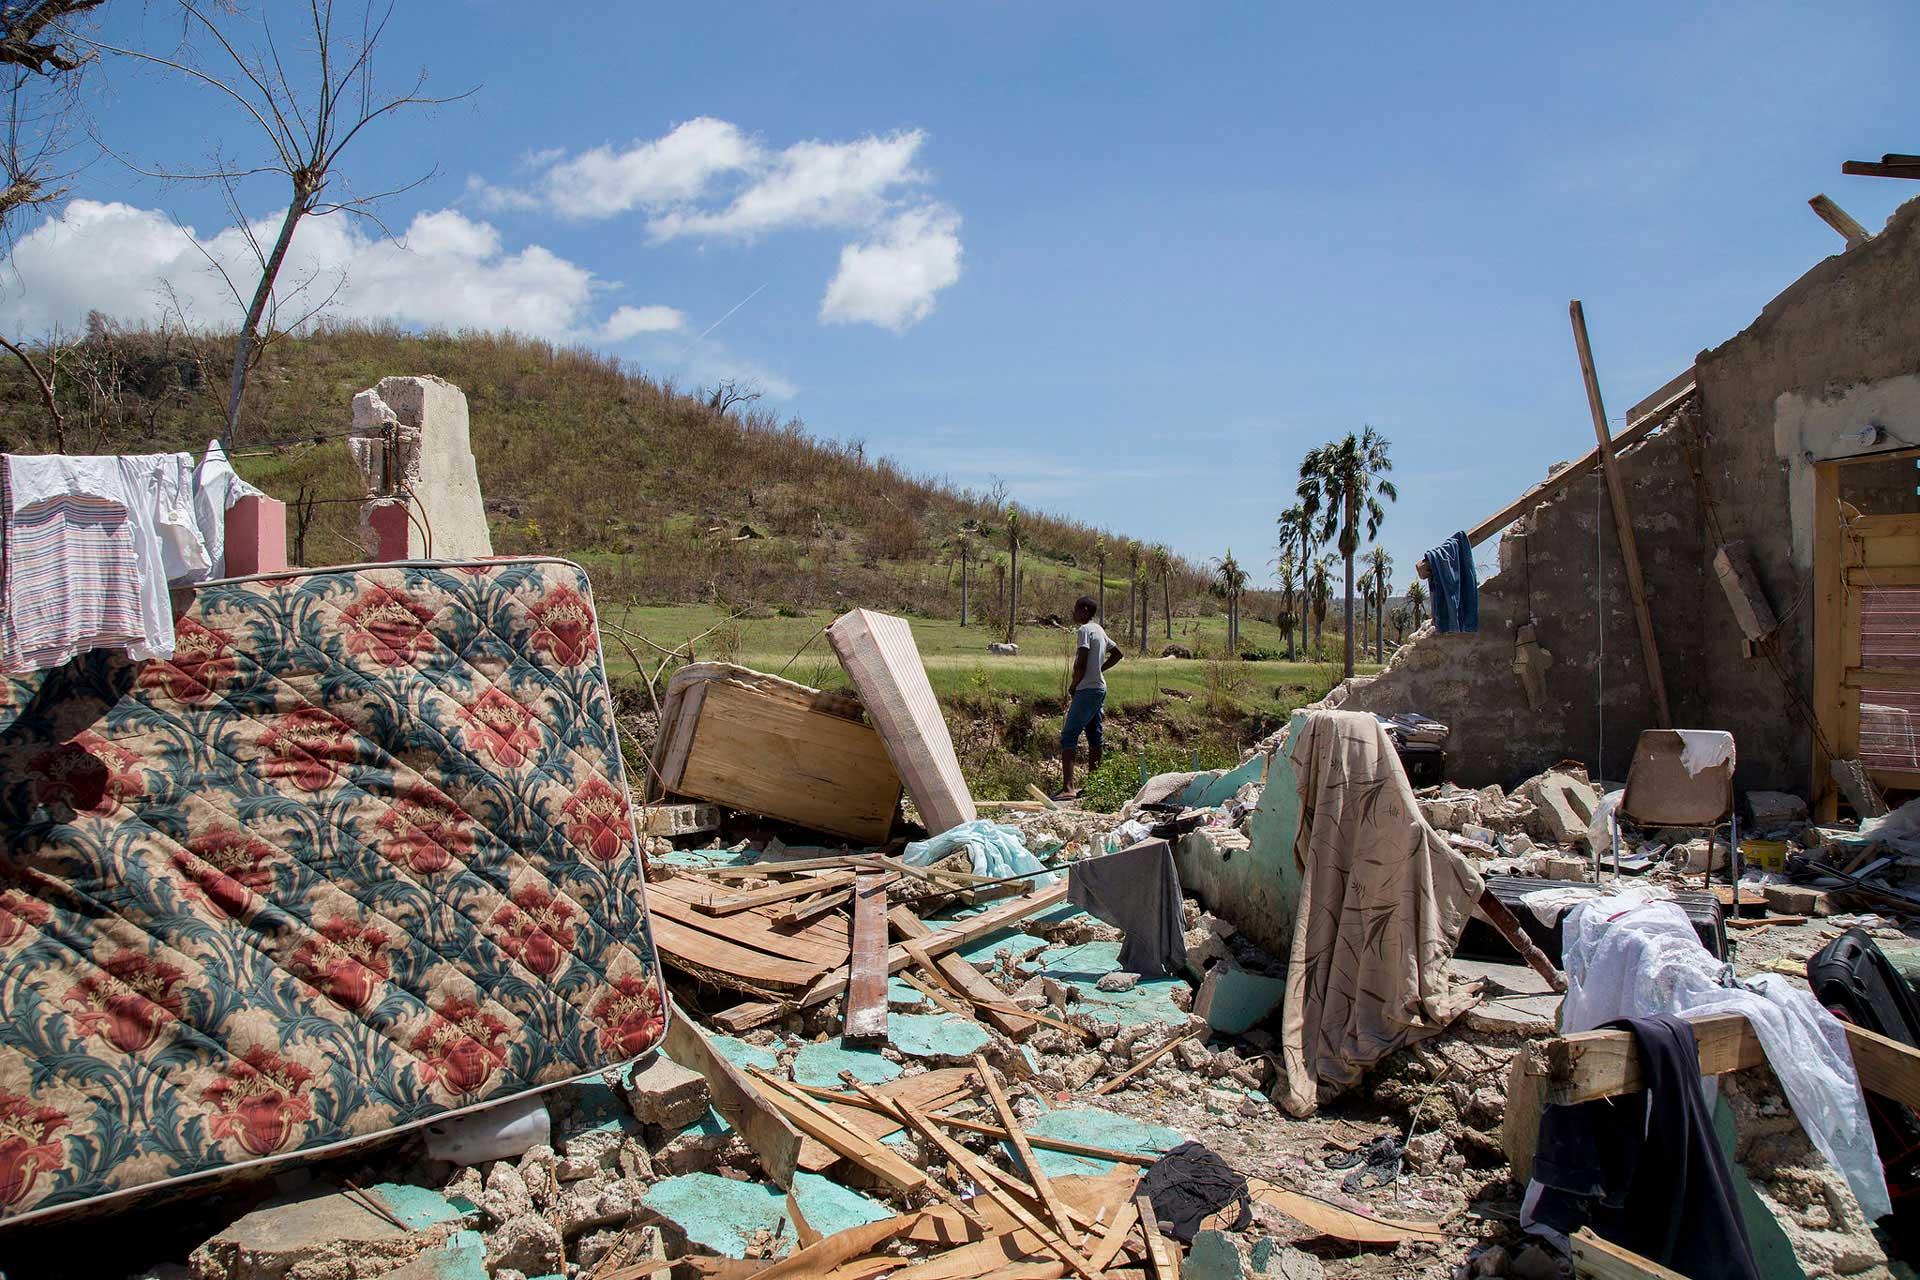 Ein Junge in der vom Hurrikan zerstörten Gegend der Stadt Port-Salut, Haiti. | © 2016 Caritas Schweiz / www.flickr.com/photos/caritas_ch